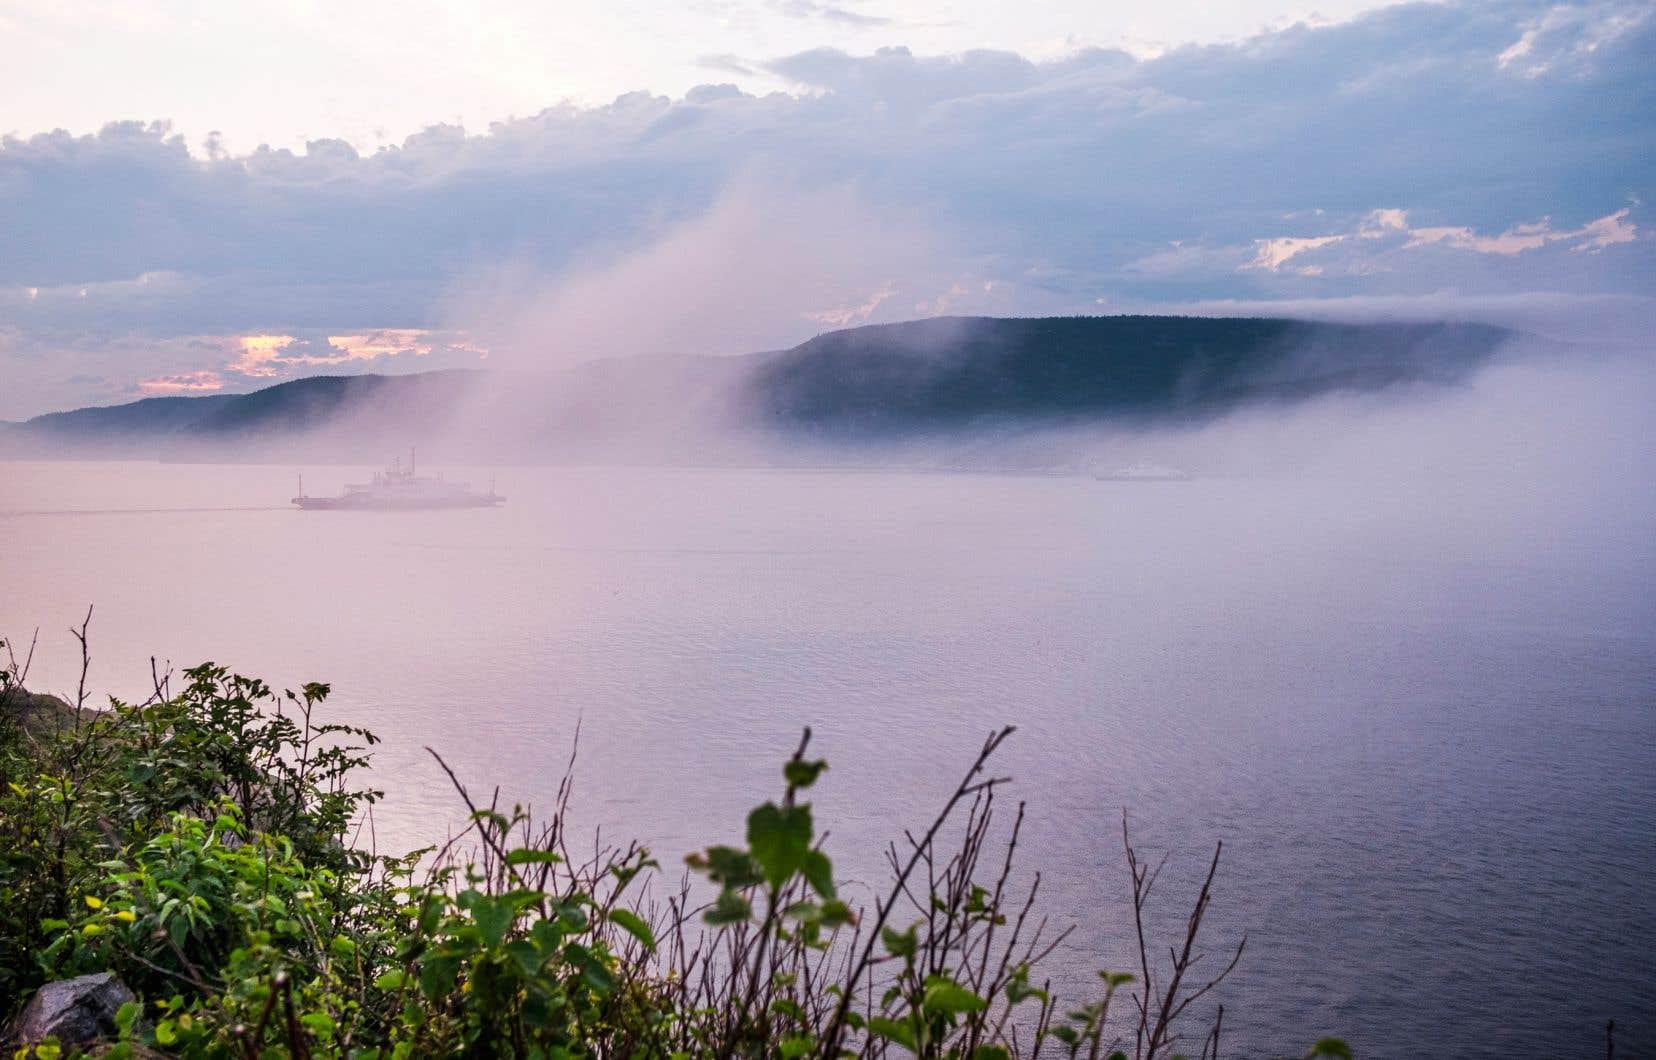 Une fine brume enrobe la baie de Tadoussac. Le village est situé au confluent de la rivière Saguenay et du fleuve Saint-Laurent.